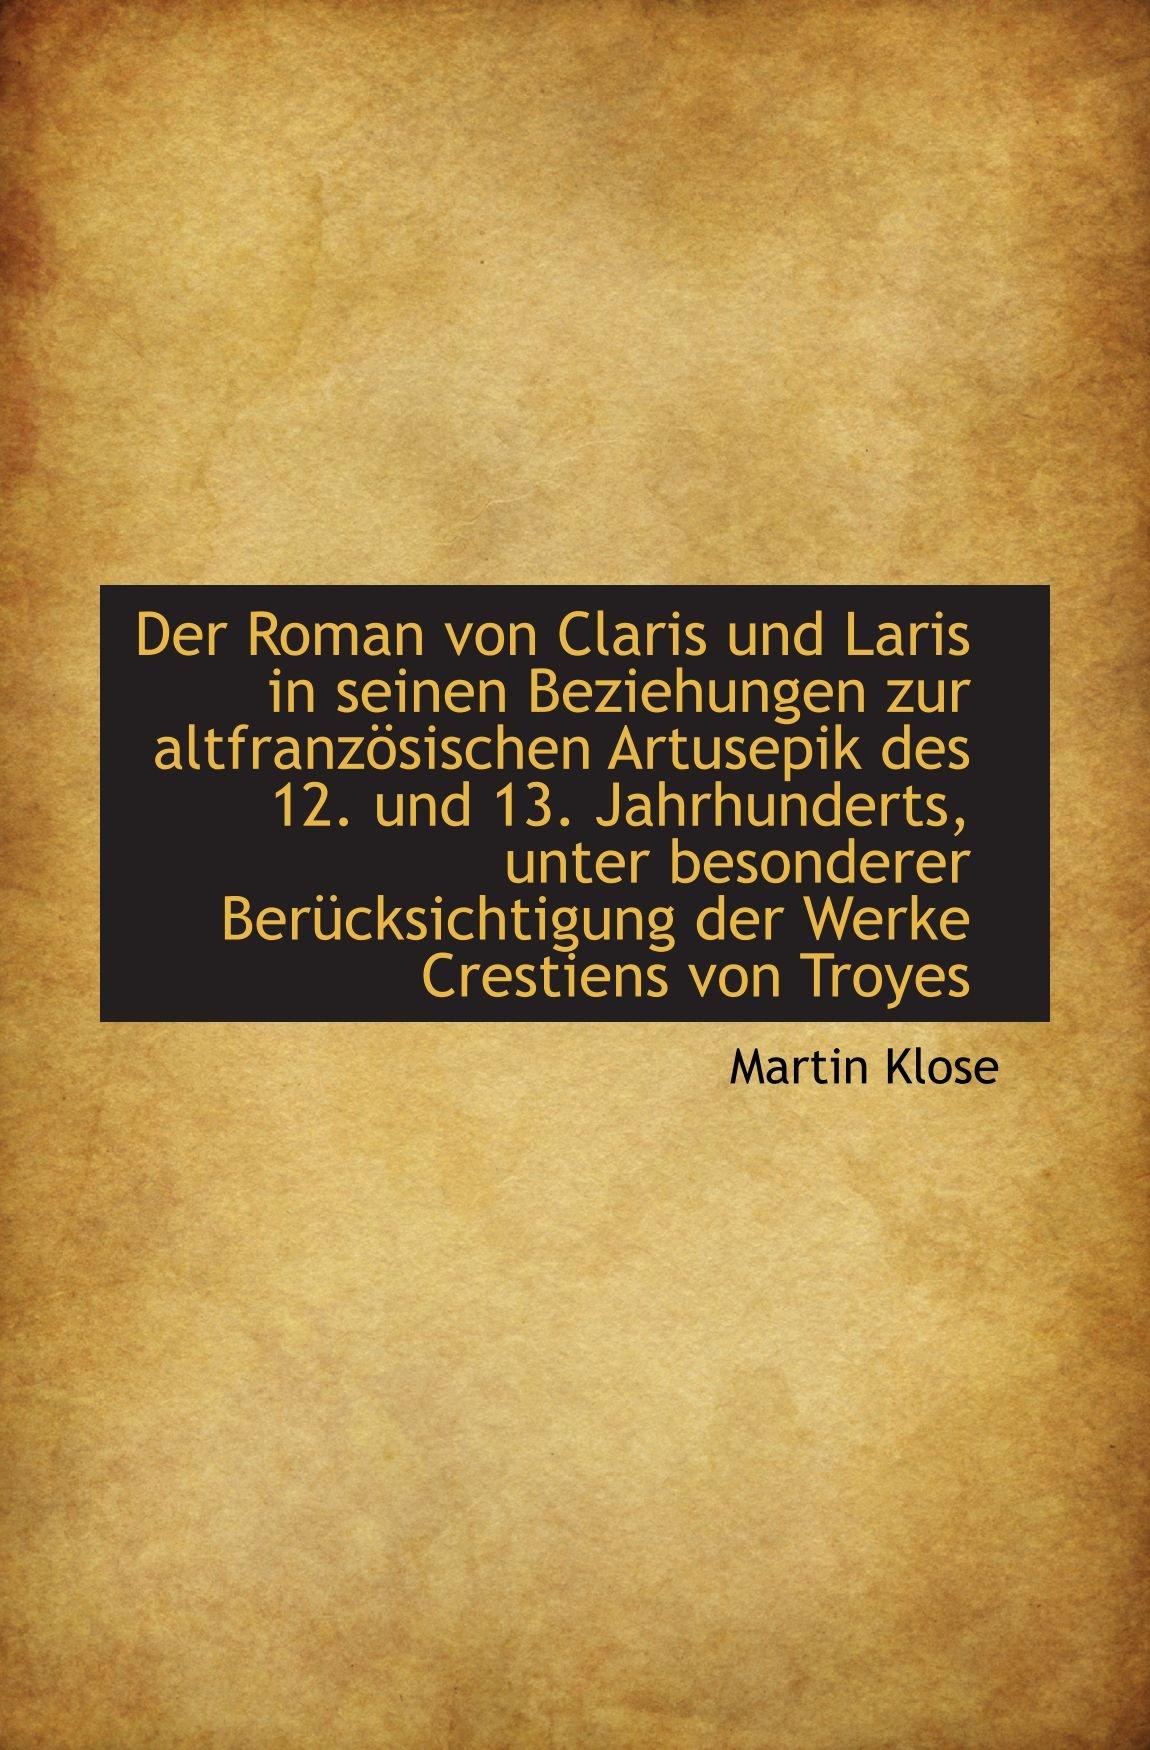 Read Online Der Roman von Claris und Laris in seinen Beziehungen zur altfranzösischen Artusepik des 12. und 13. (German Edition) pdf